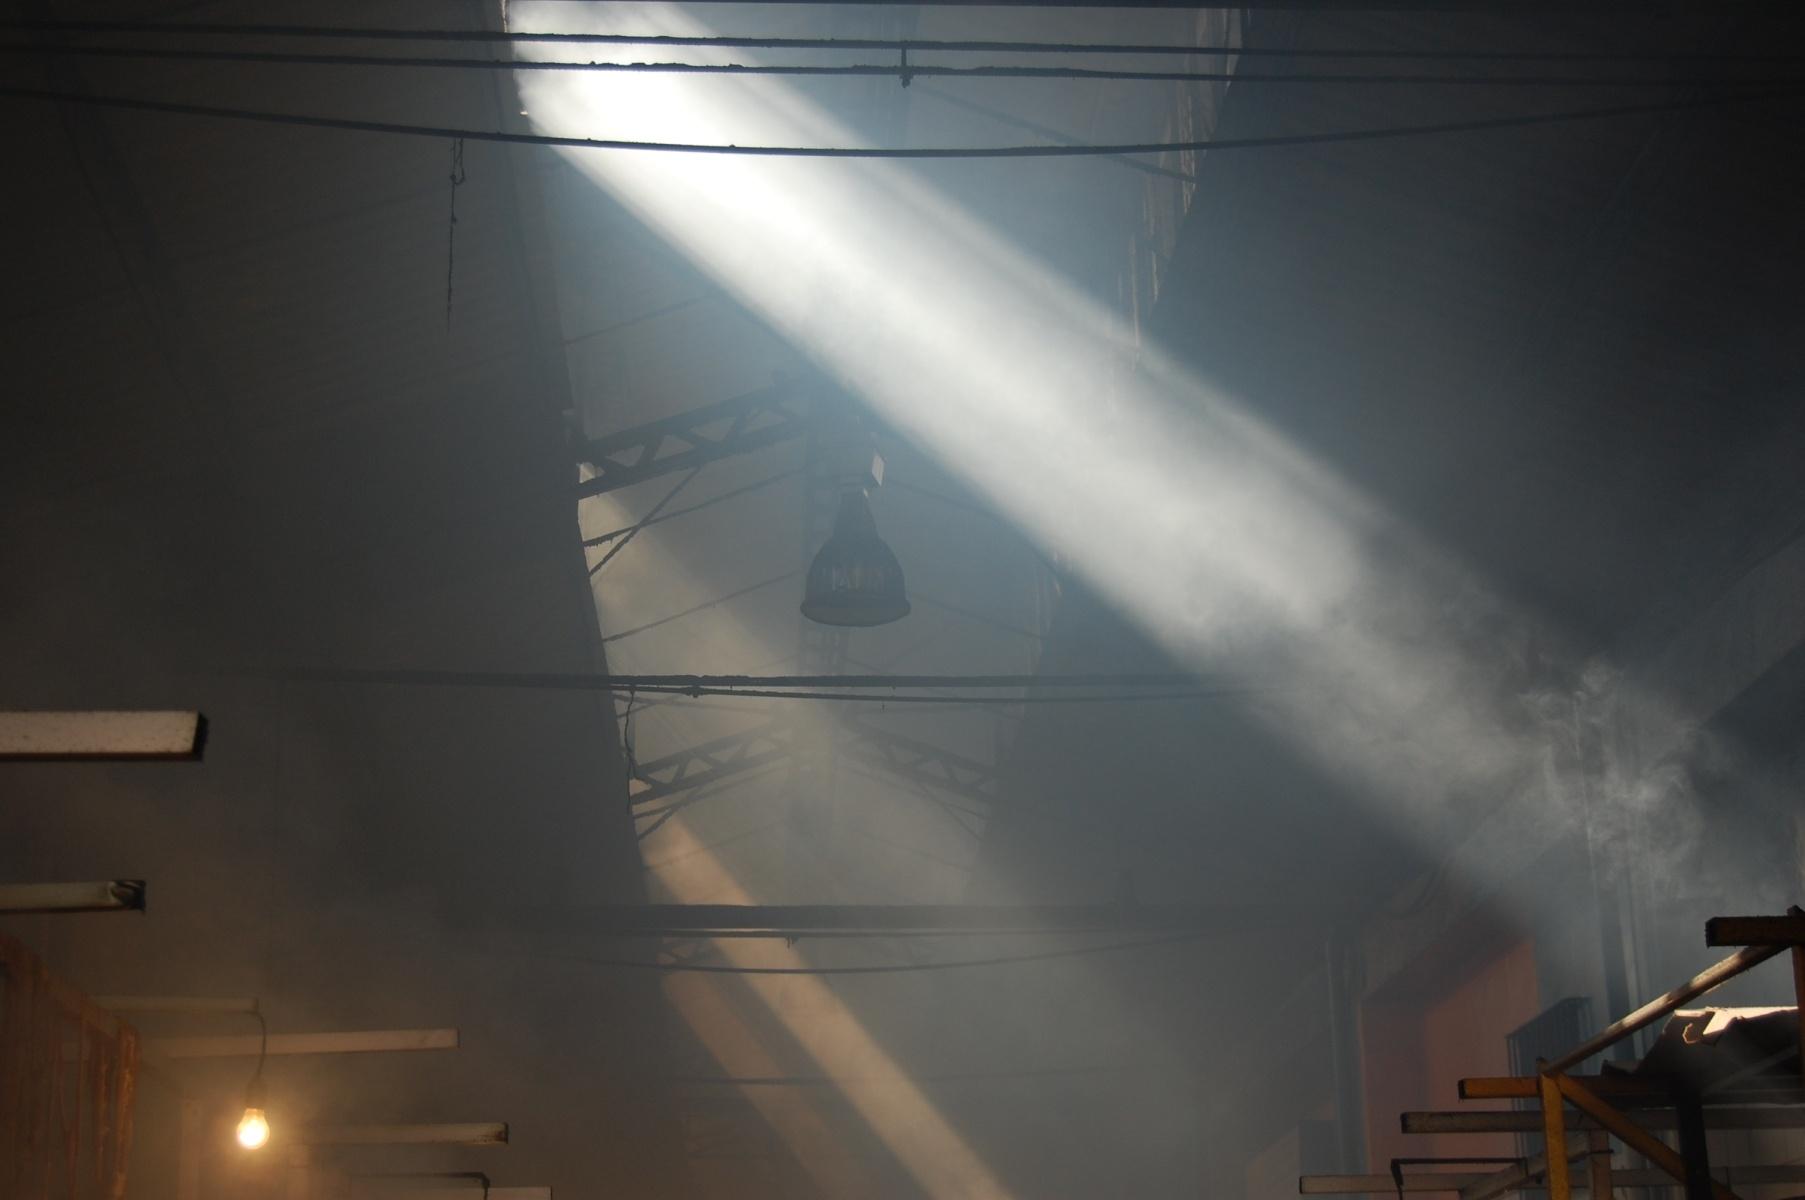 Combustible Dust & Dust Hazard Analysis